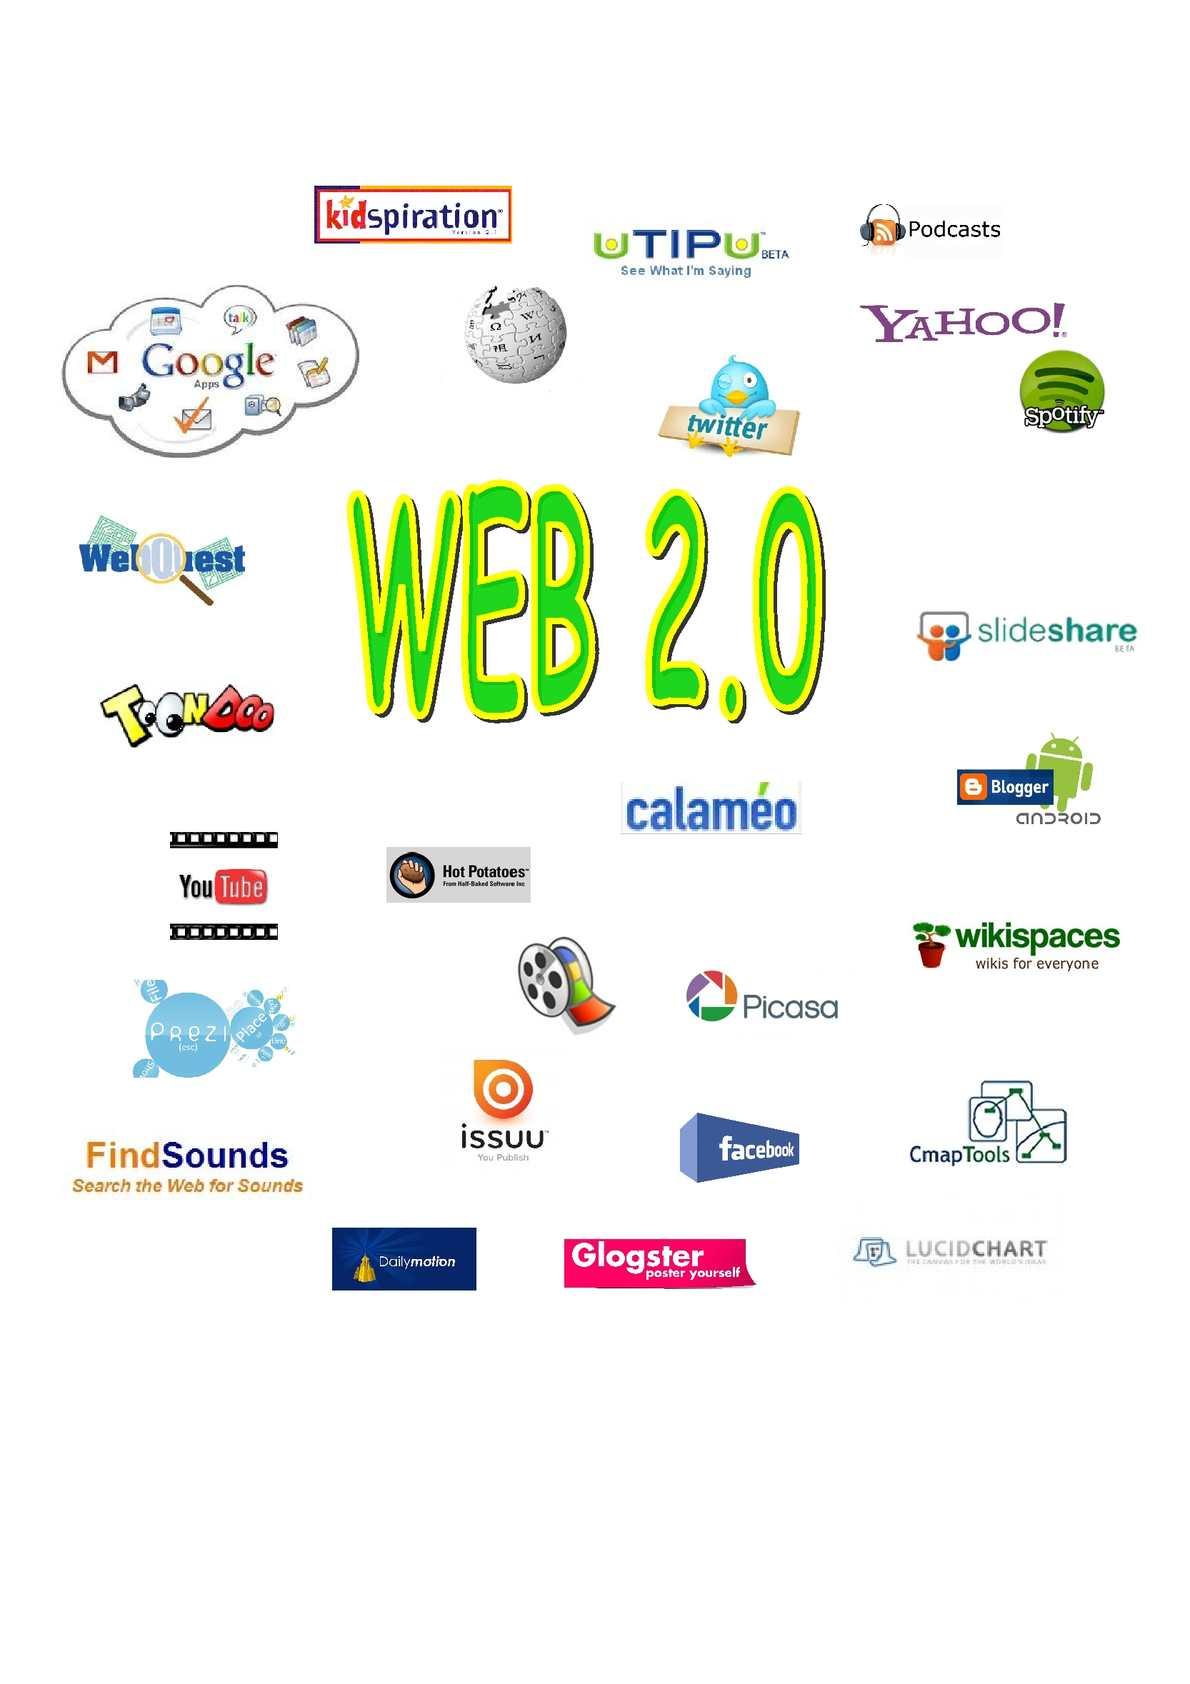 Calaméo - LOS SERES VIVOS EN LA WEB 2.0